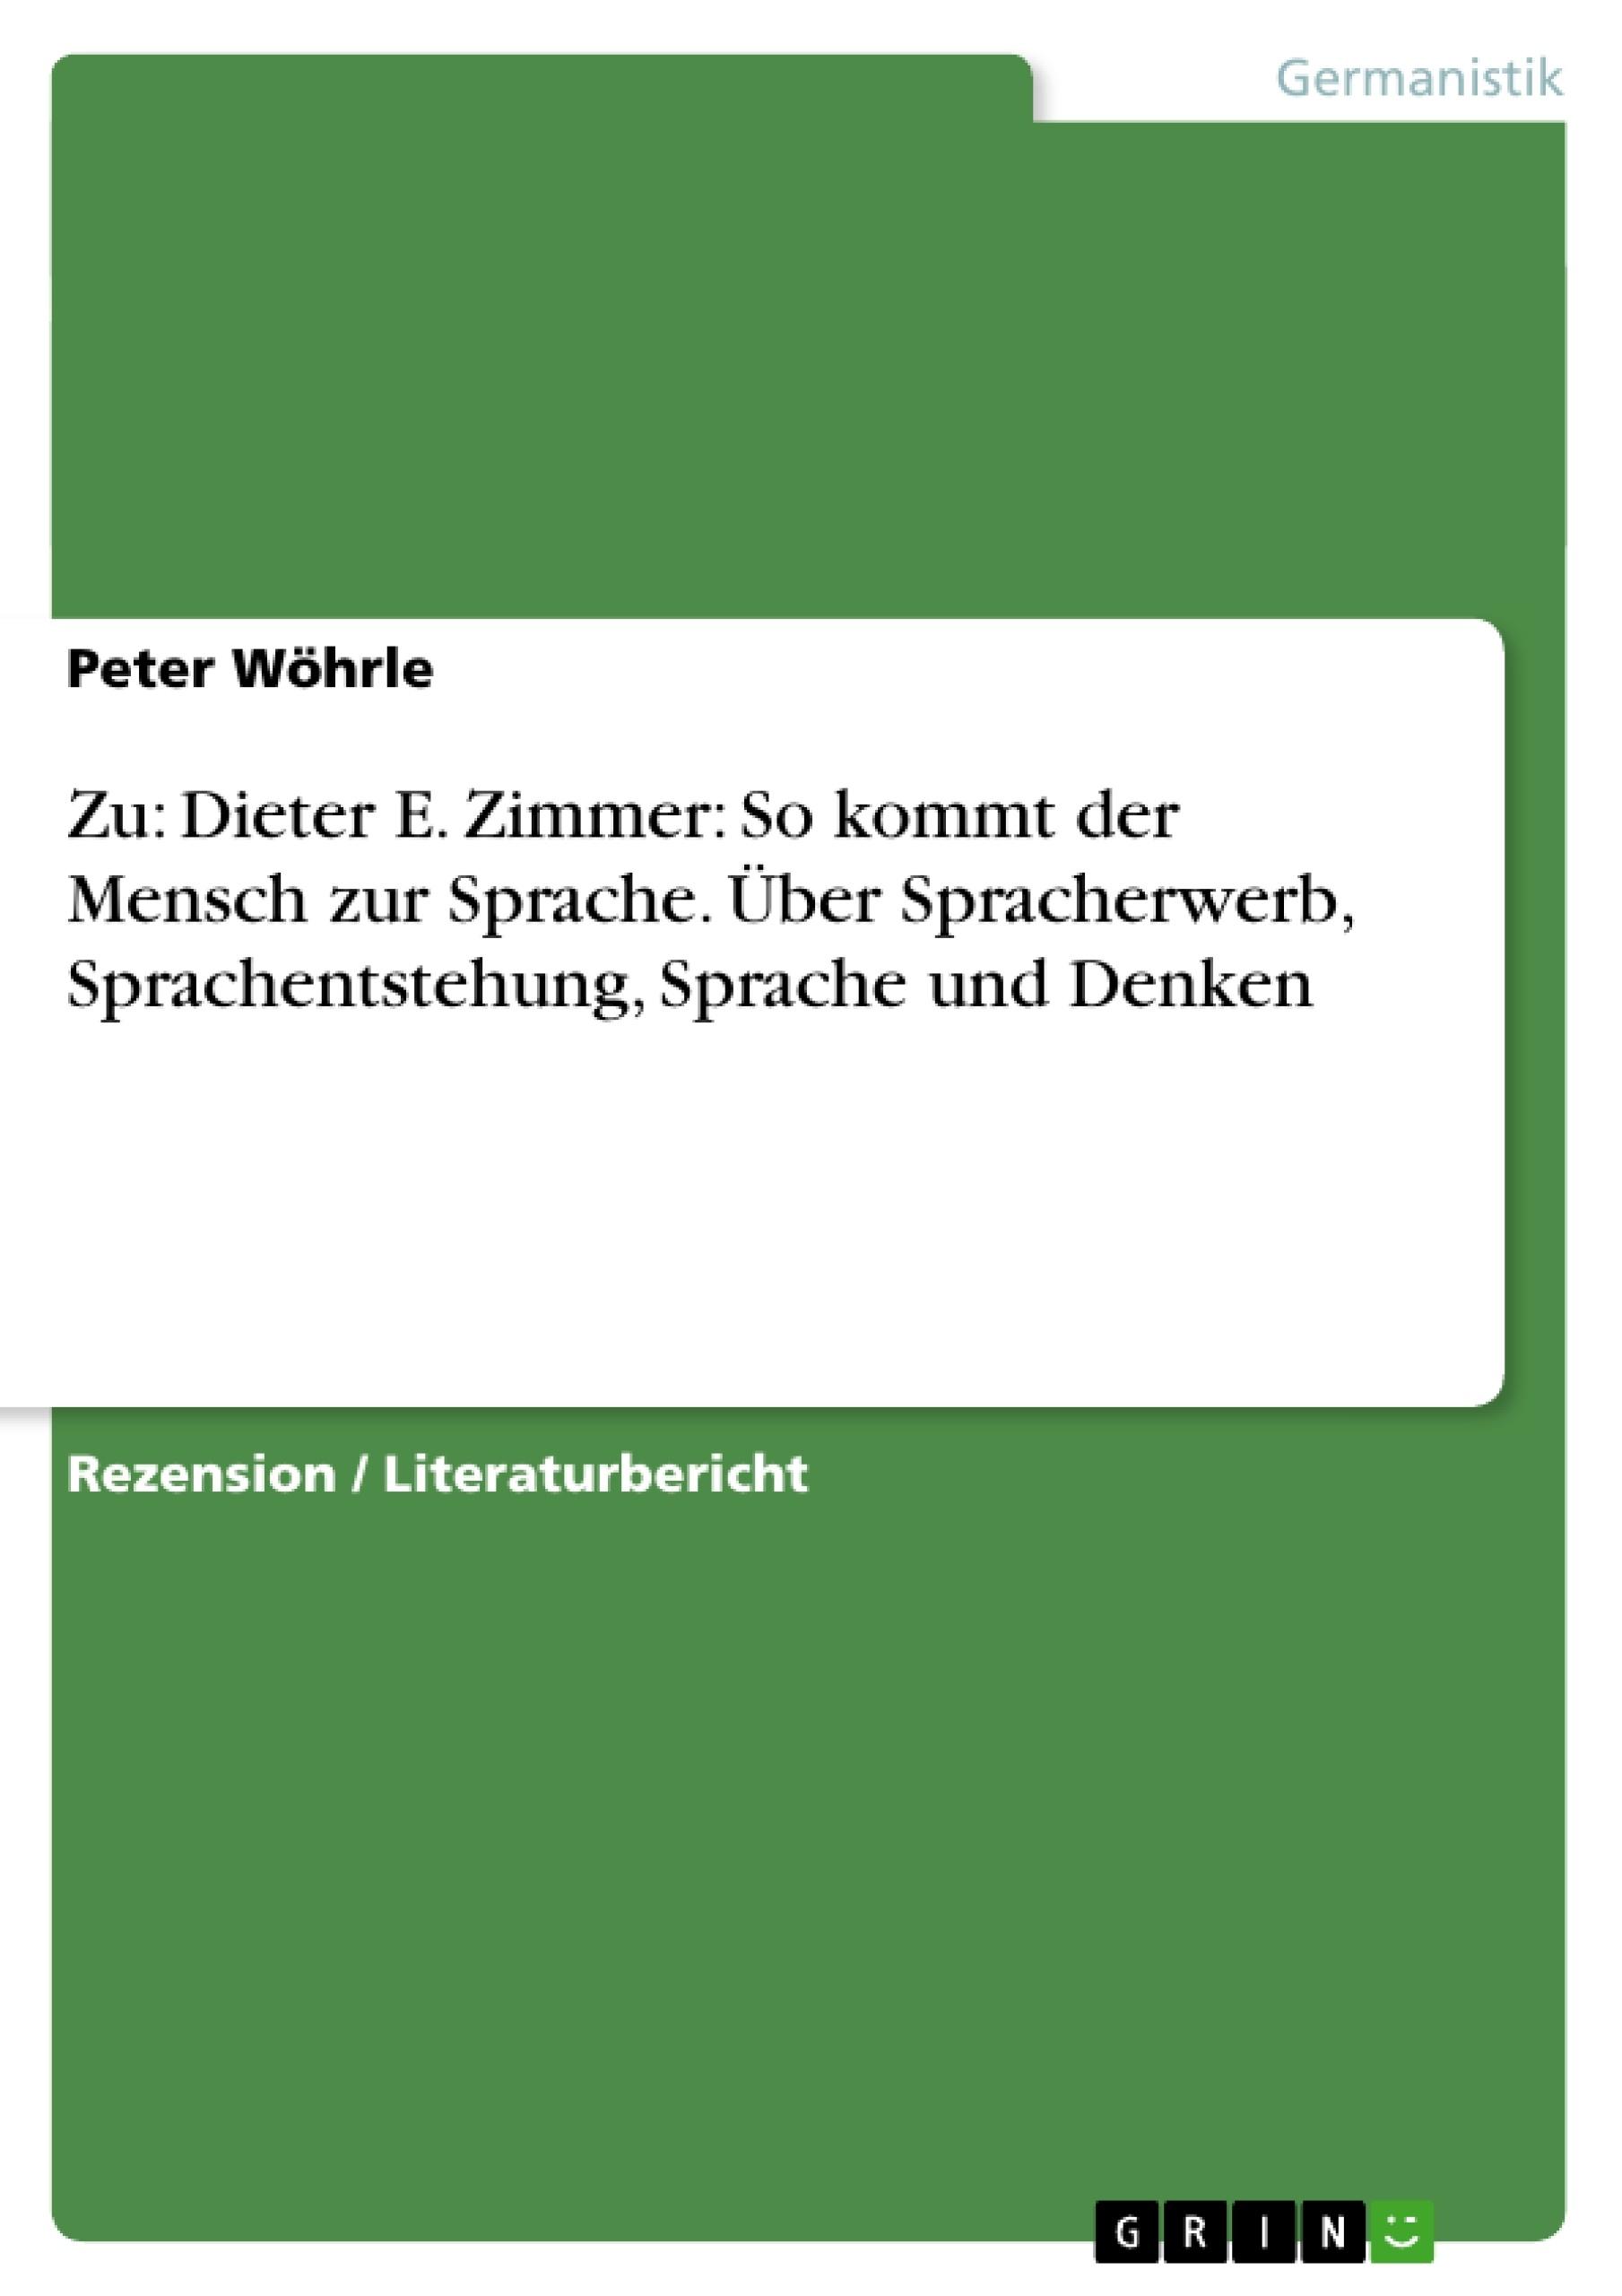 Titel: Zu: Dieter E. Zimmer: So kommt der Mensch zur Sprache. Über Spracherwerb, Sprachentstehung, Sprache und Denken